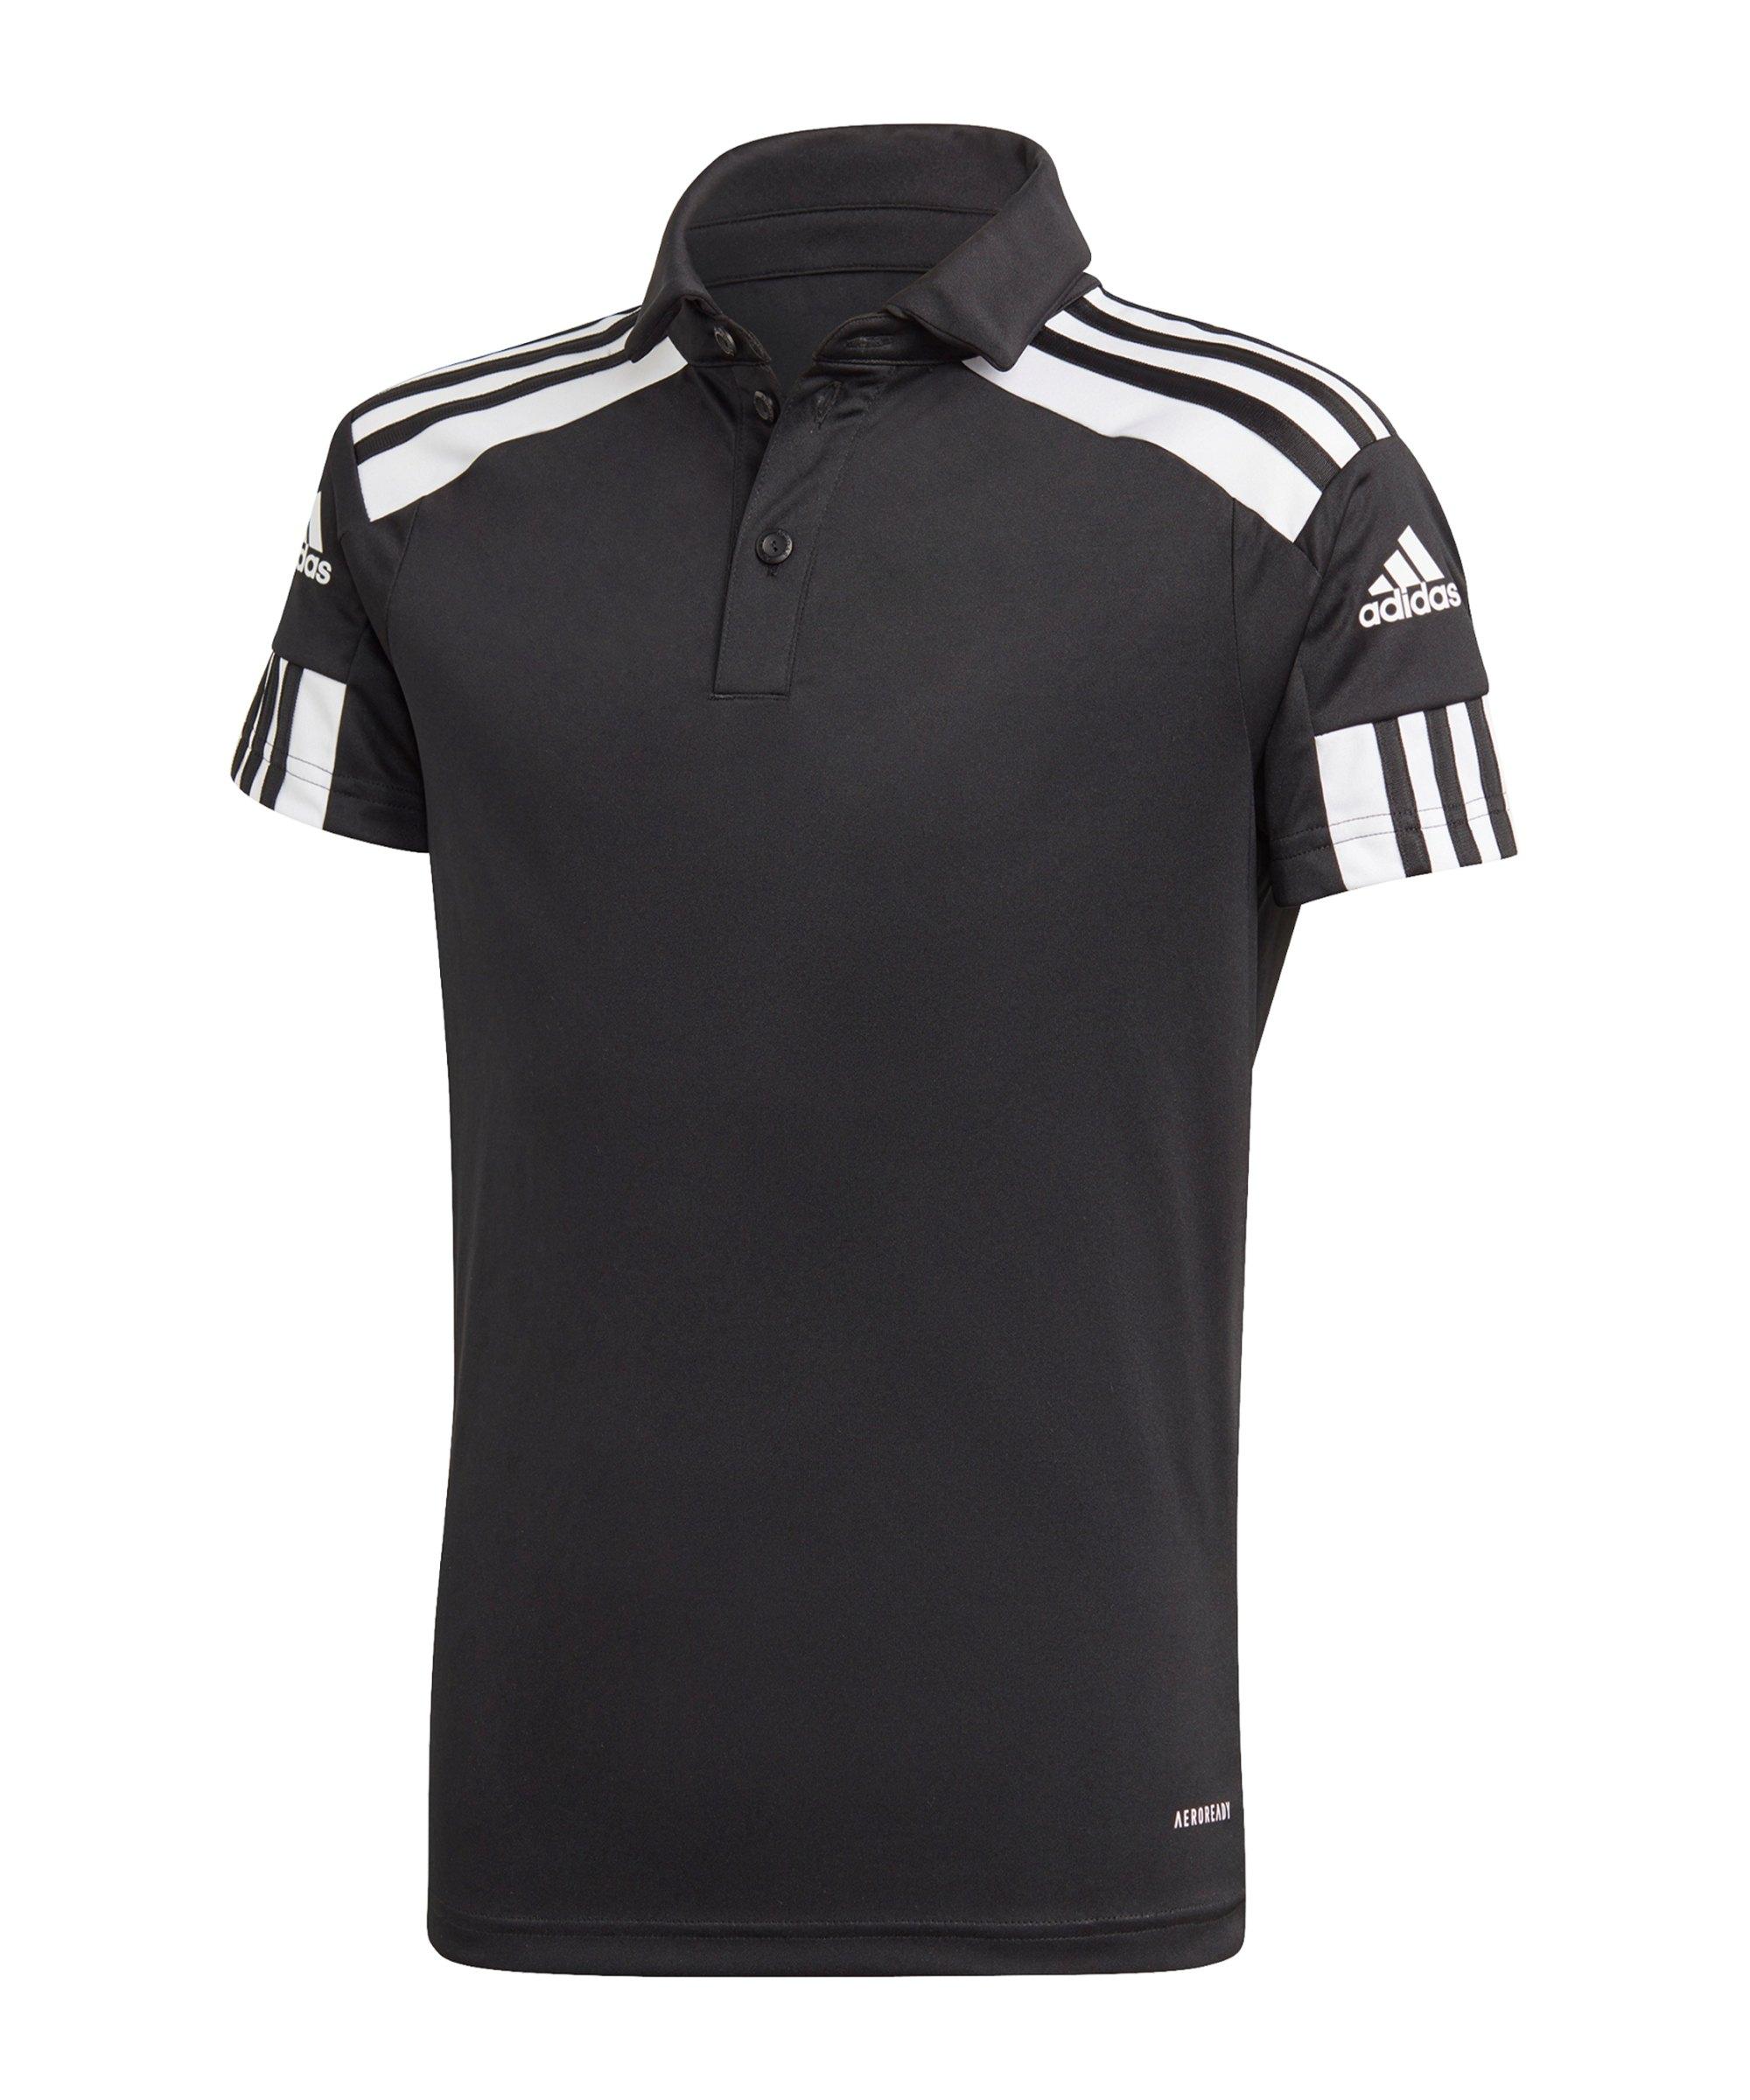 adidas Squadra 21 Poloshirt Kids Schwarz Weiss - schwarz